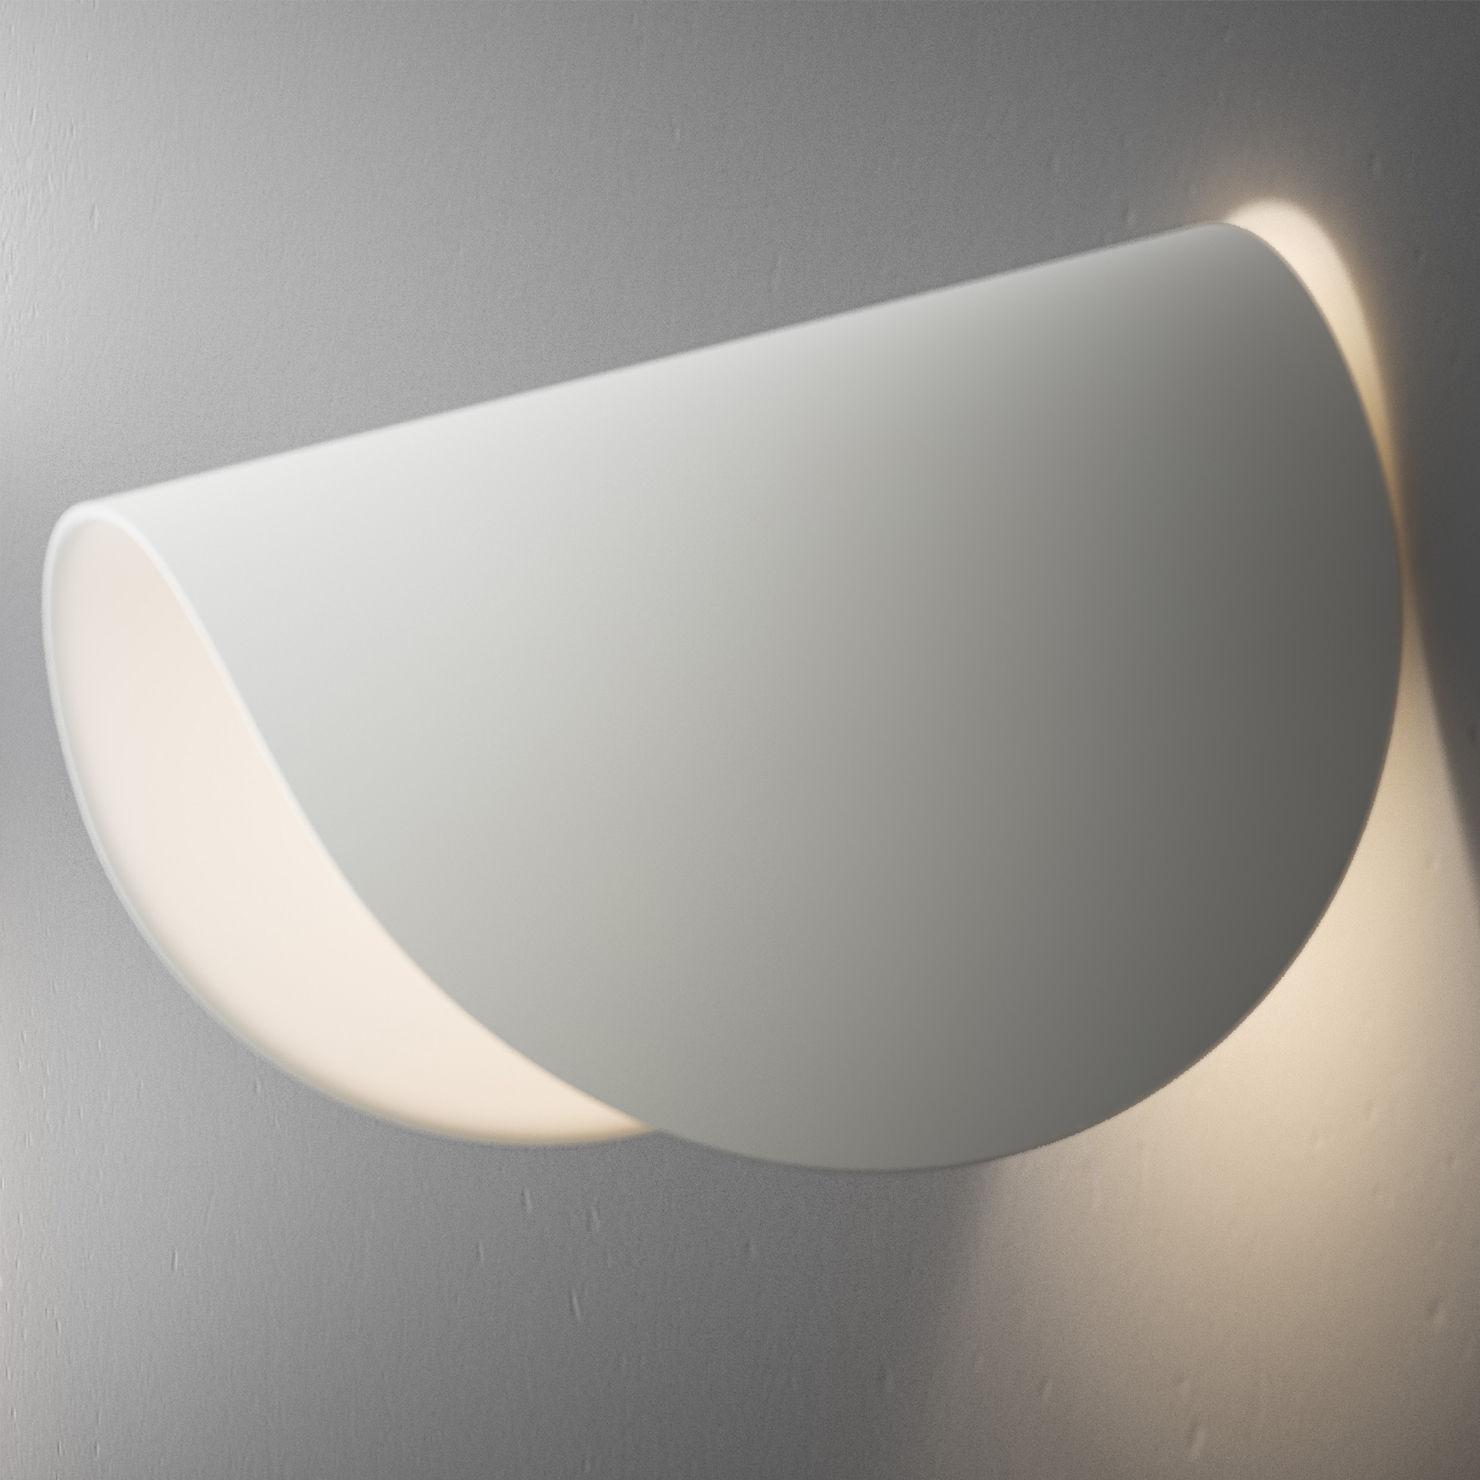 Applique IO LED Fontana Arte - Blanc - l 10.5 x h 16.5 | Made In Design